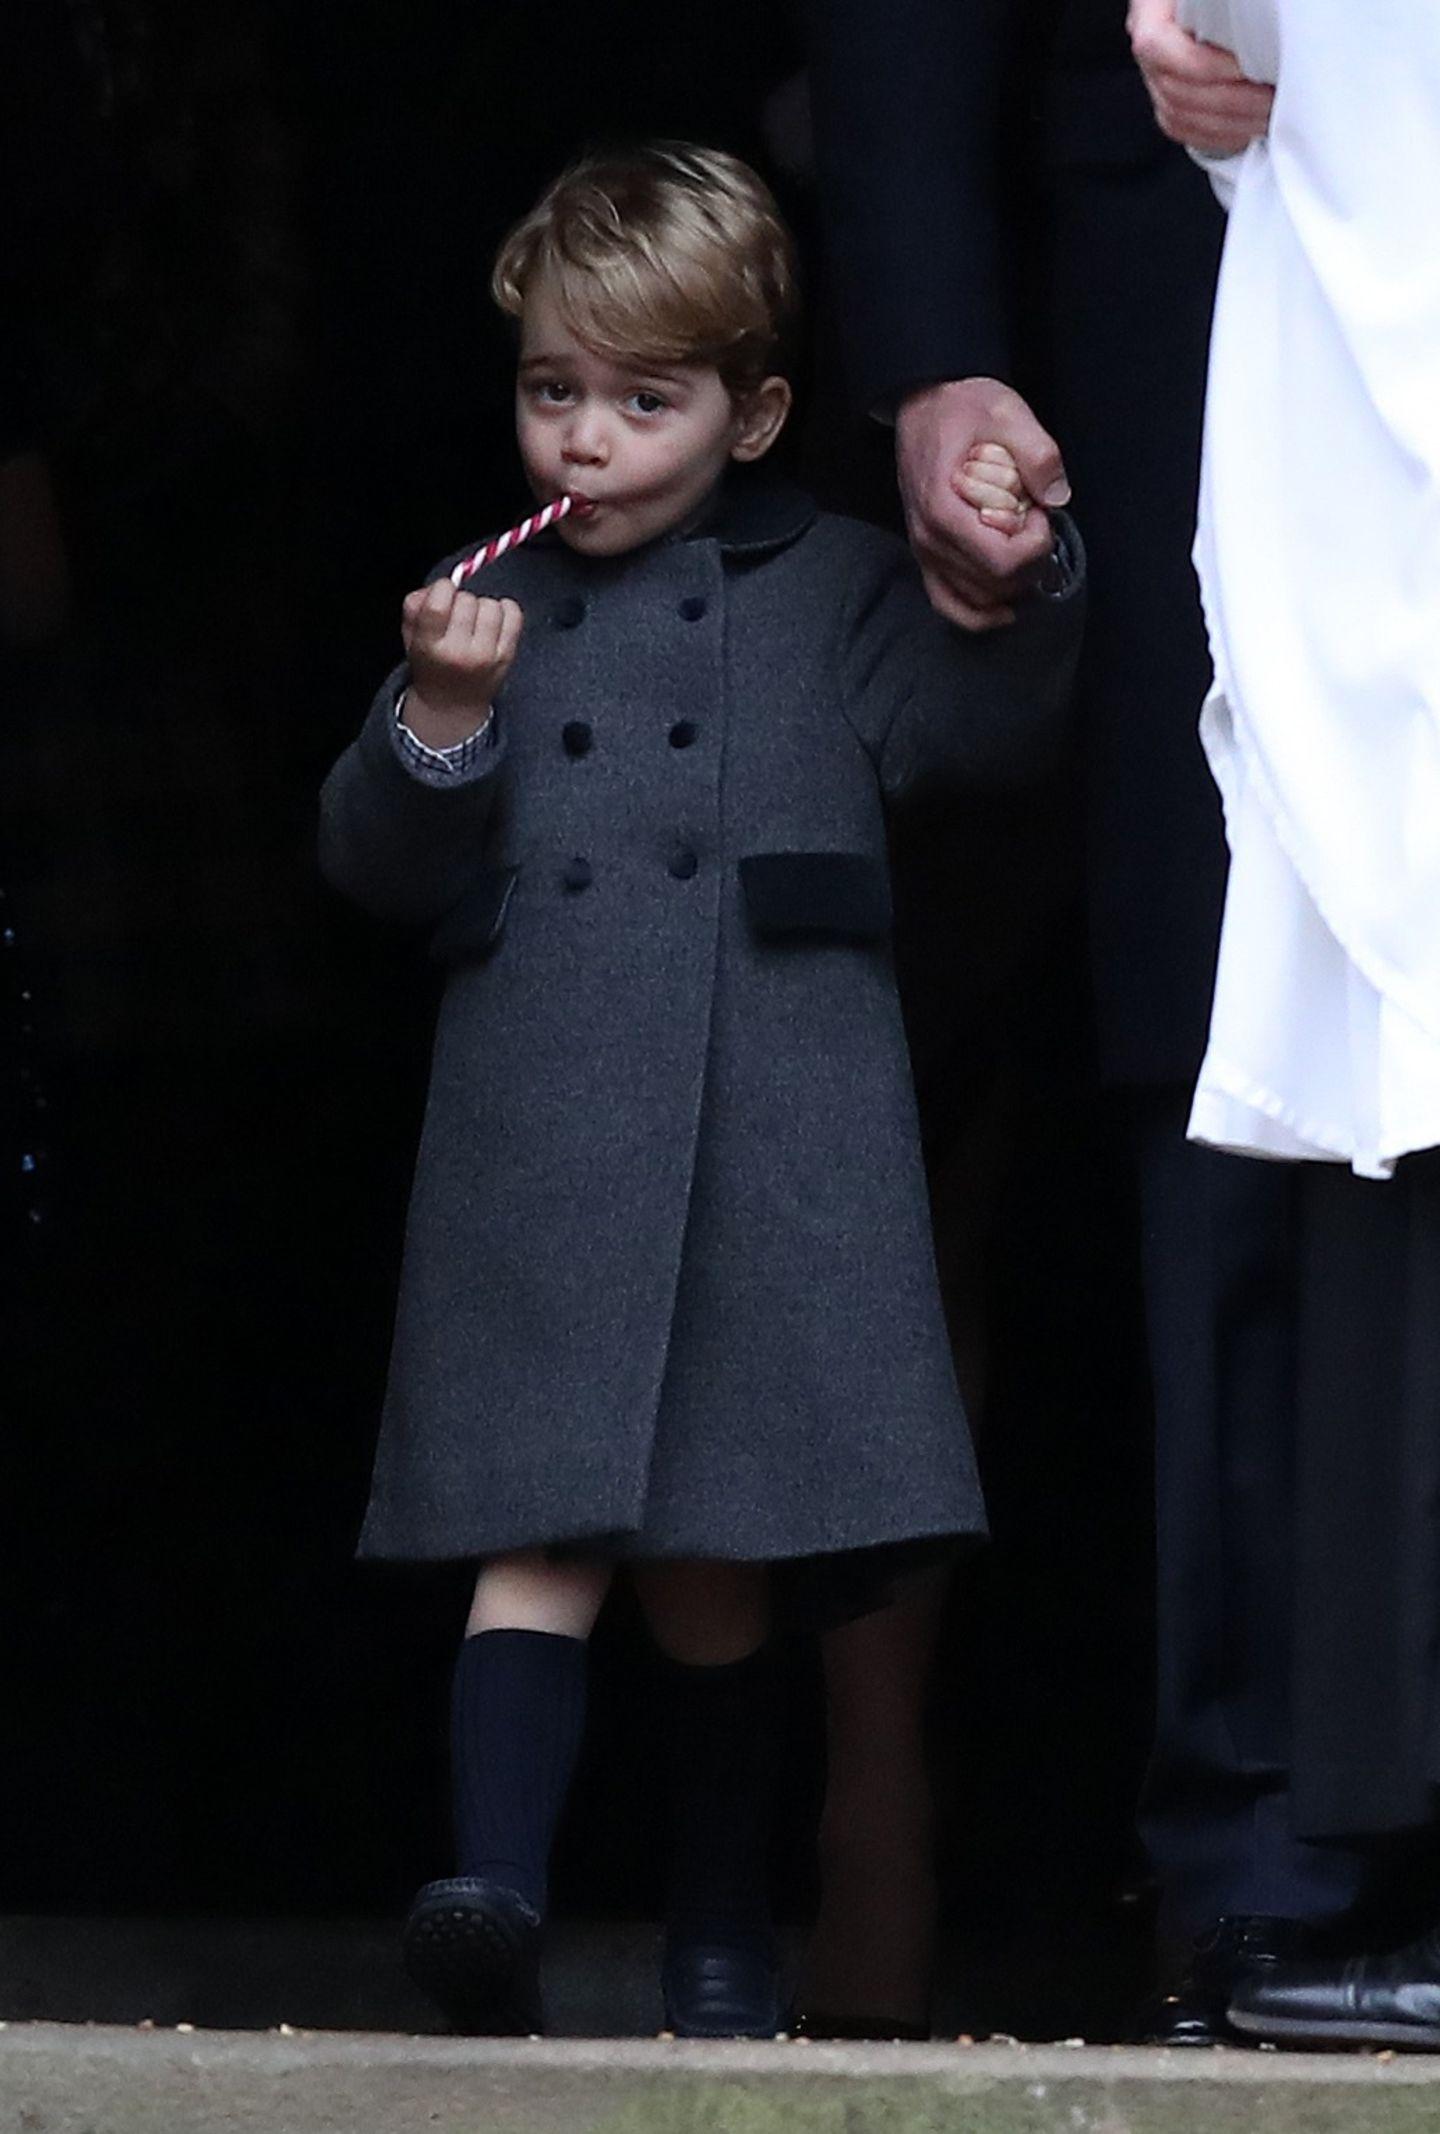 Der erste Weihnachtstag wird bei den britischen Royals standesgemäß mit einem Besuch in der Kirche in Sandringham begonnen. Dazu trägt Prinz George einen traditionellen grauen Mantel mit Kragen, Taschen und Knopfleiste- ebenso wie sein Vater als Kind einen ähnlichen bereits trug. Das Modell von Prinz George stammt von einer spanischen Firma und war - natürlich - sofort ausverkauft.